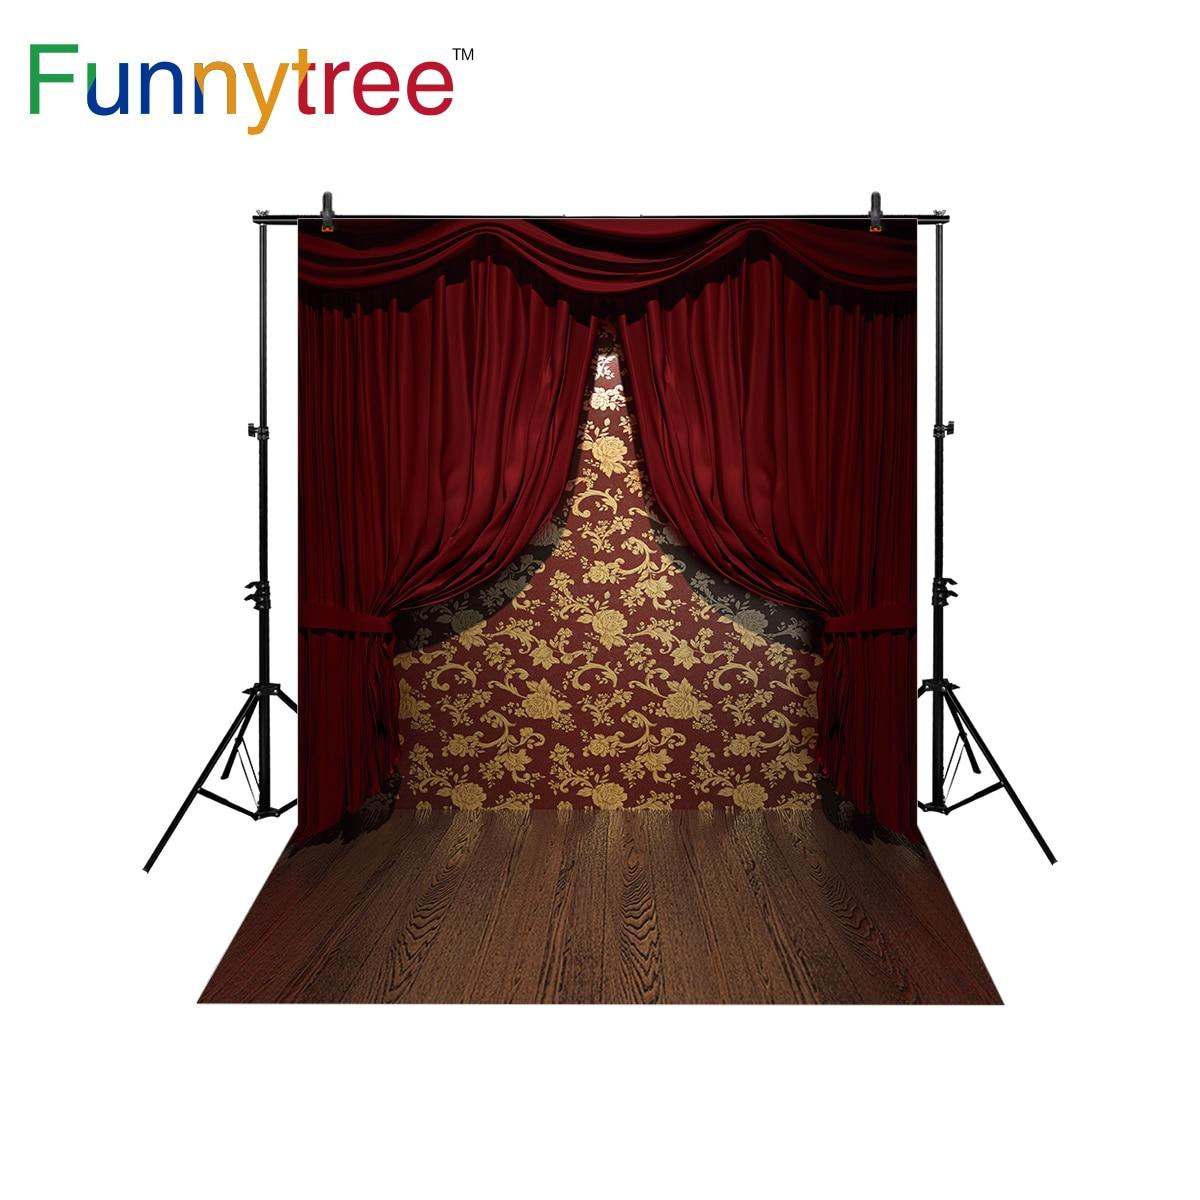 Fondo de árbol divertido para estudio fotográfico cortina roja patrón de escenario suelo de madera vintage Fondo cabina de foto sesión fotográfica